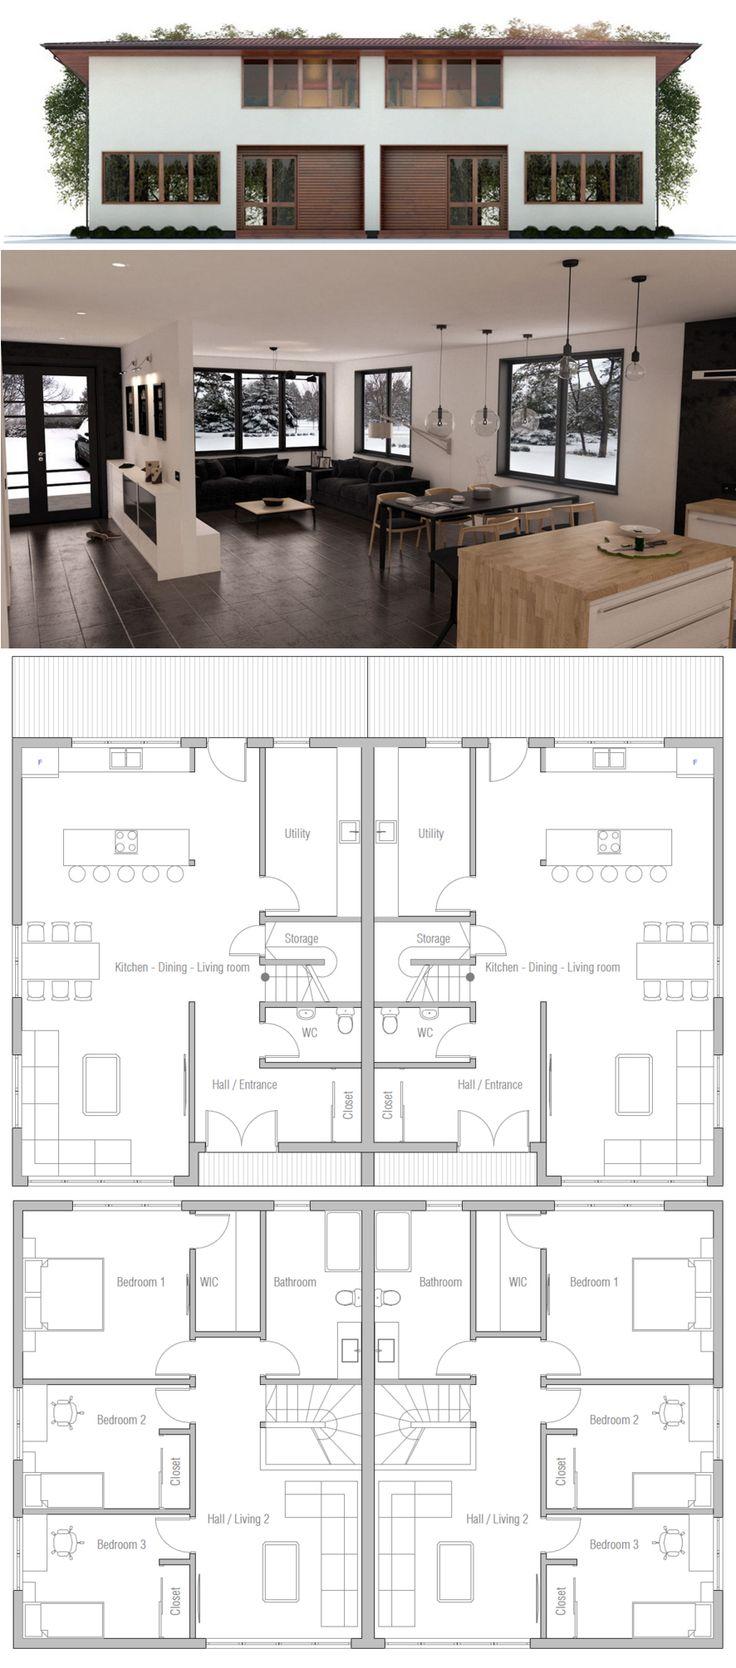 1000+ images about Duplex House Plans on Pinterest - ^